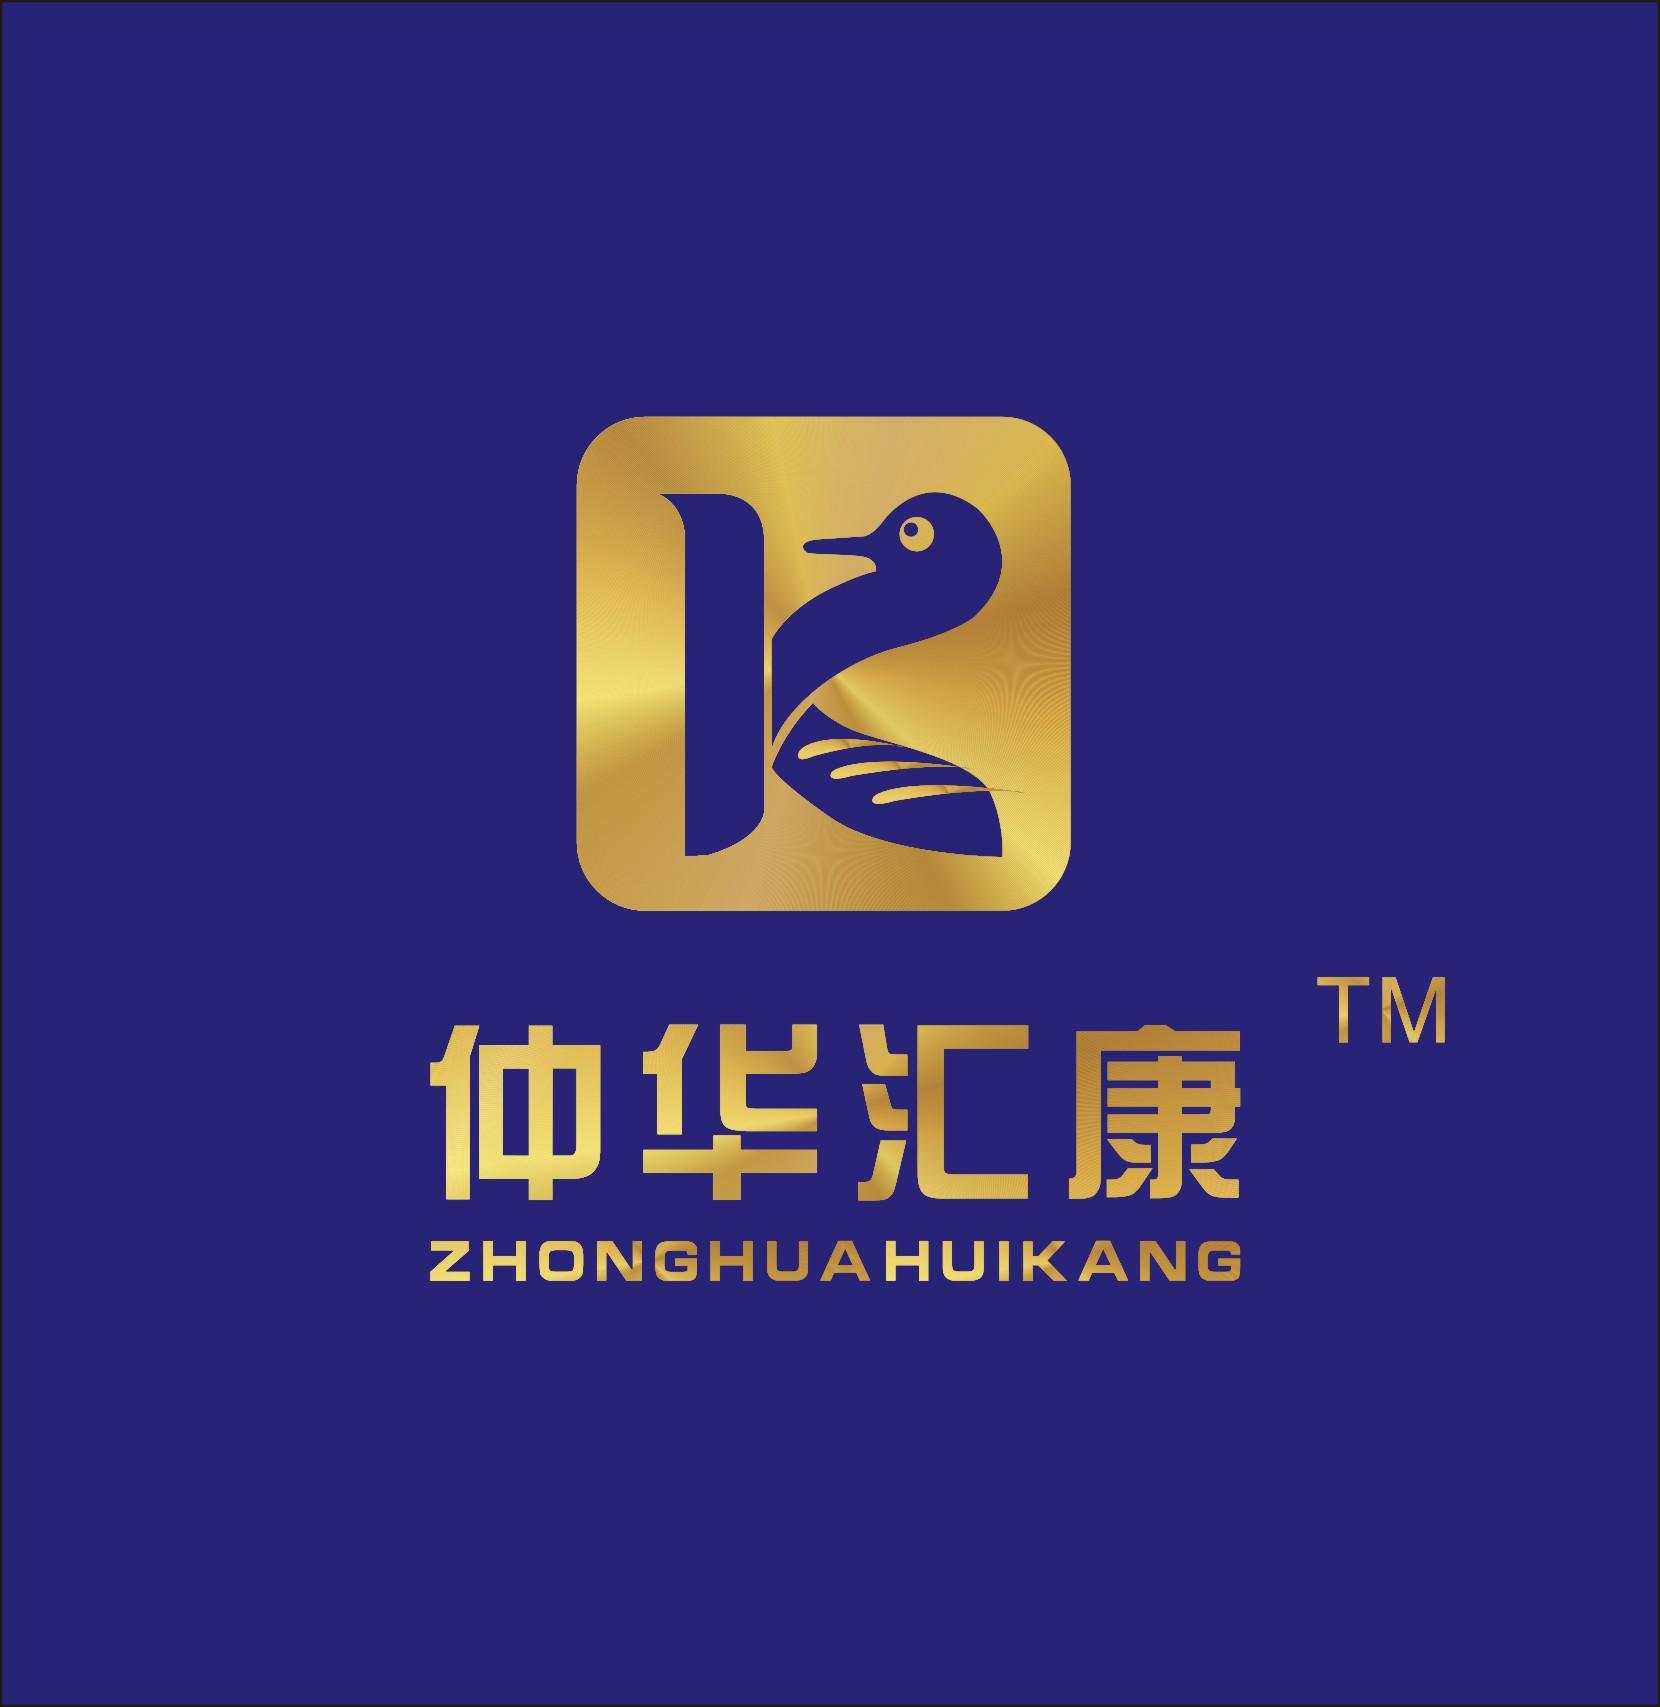 仲華匯康醫療科技(廣東)有限公司